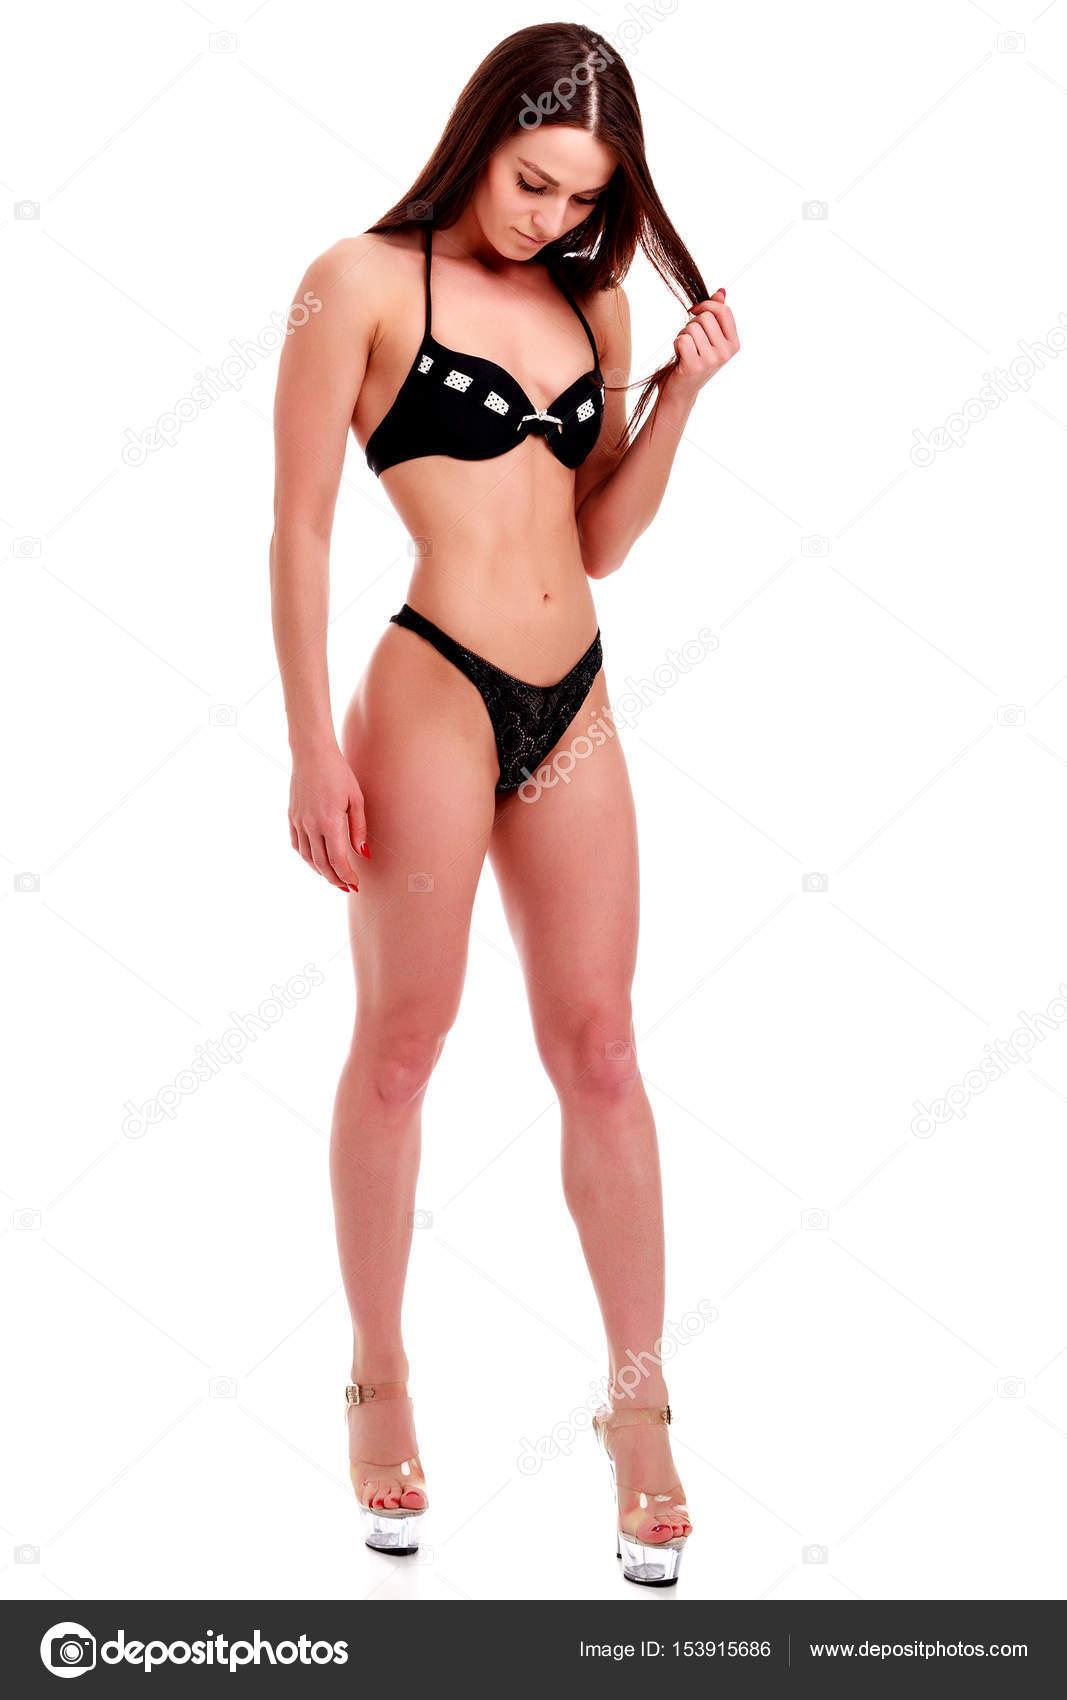 Thamil sex nude imegas